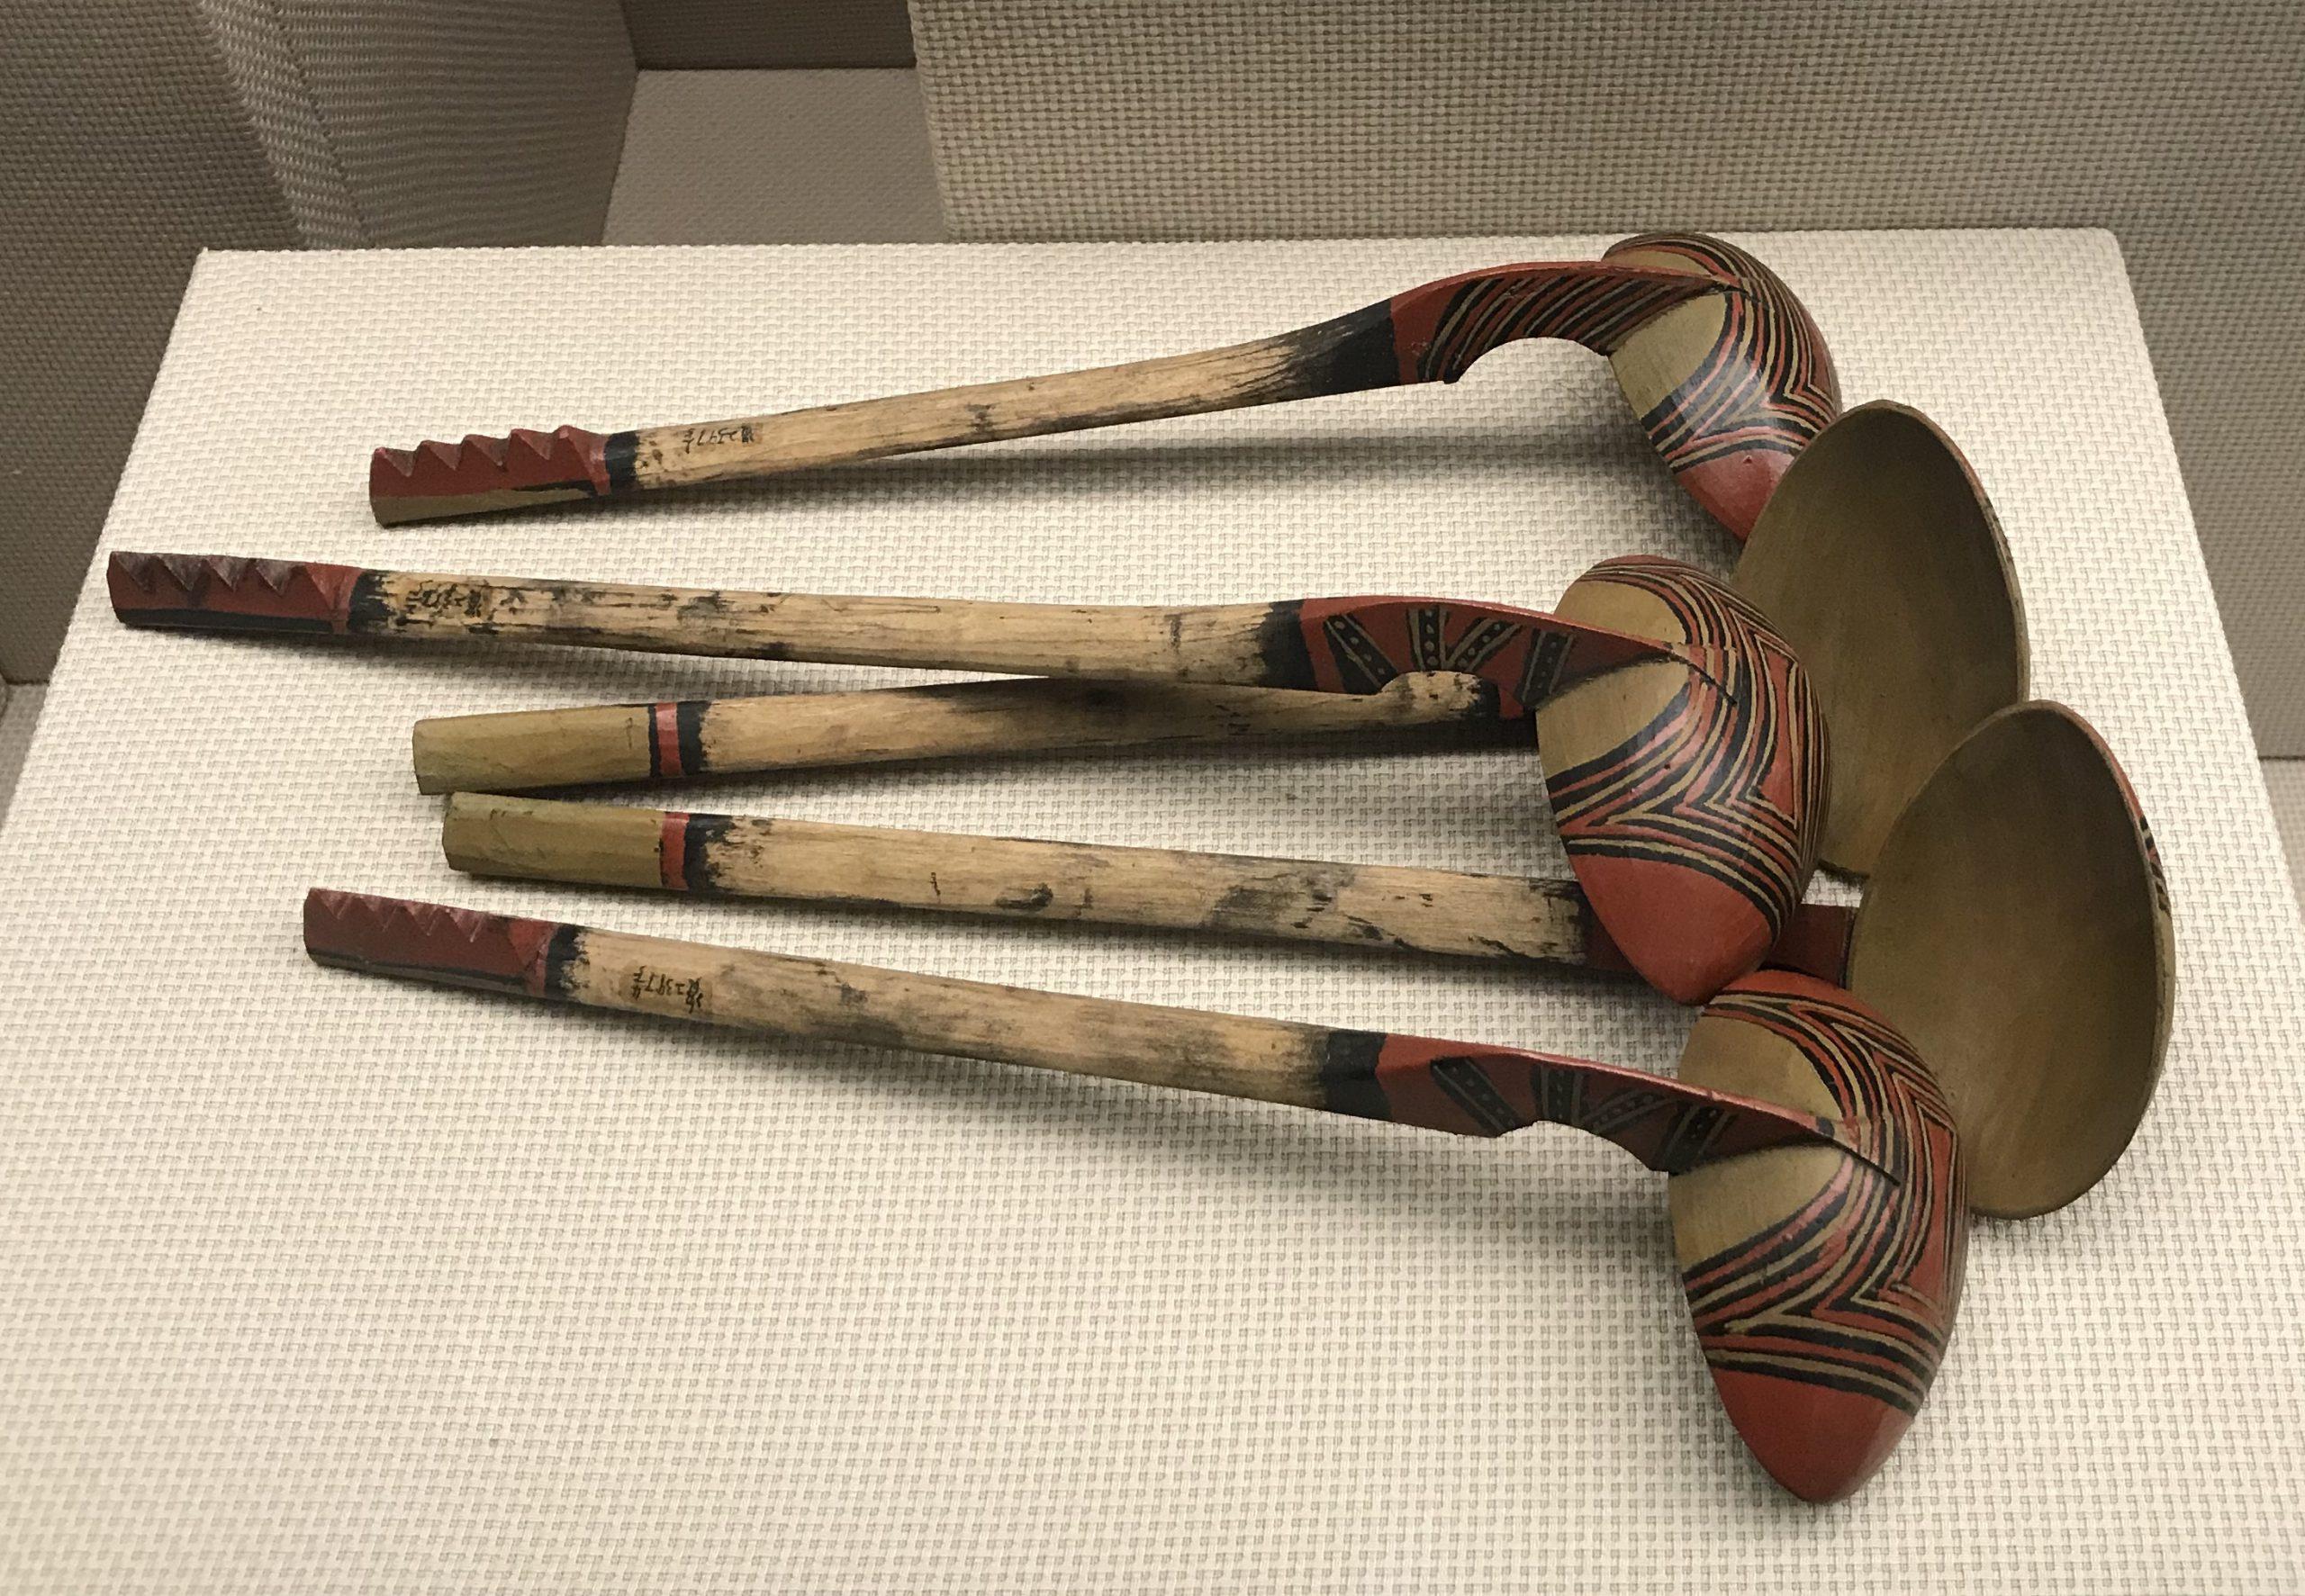 彩絵木勺-彜族漆器-四川民族文物館-四川博物館-成都